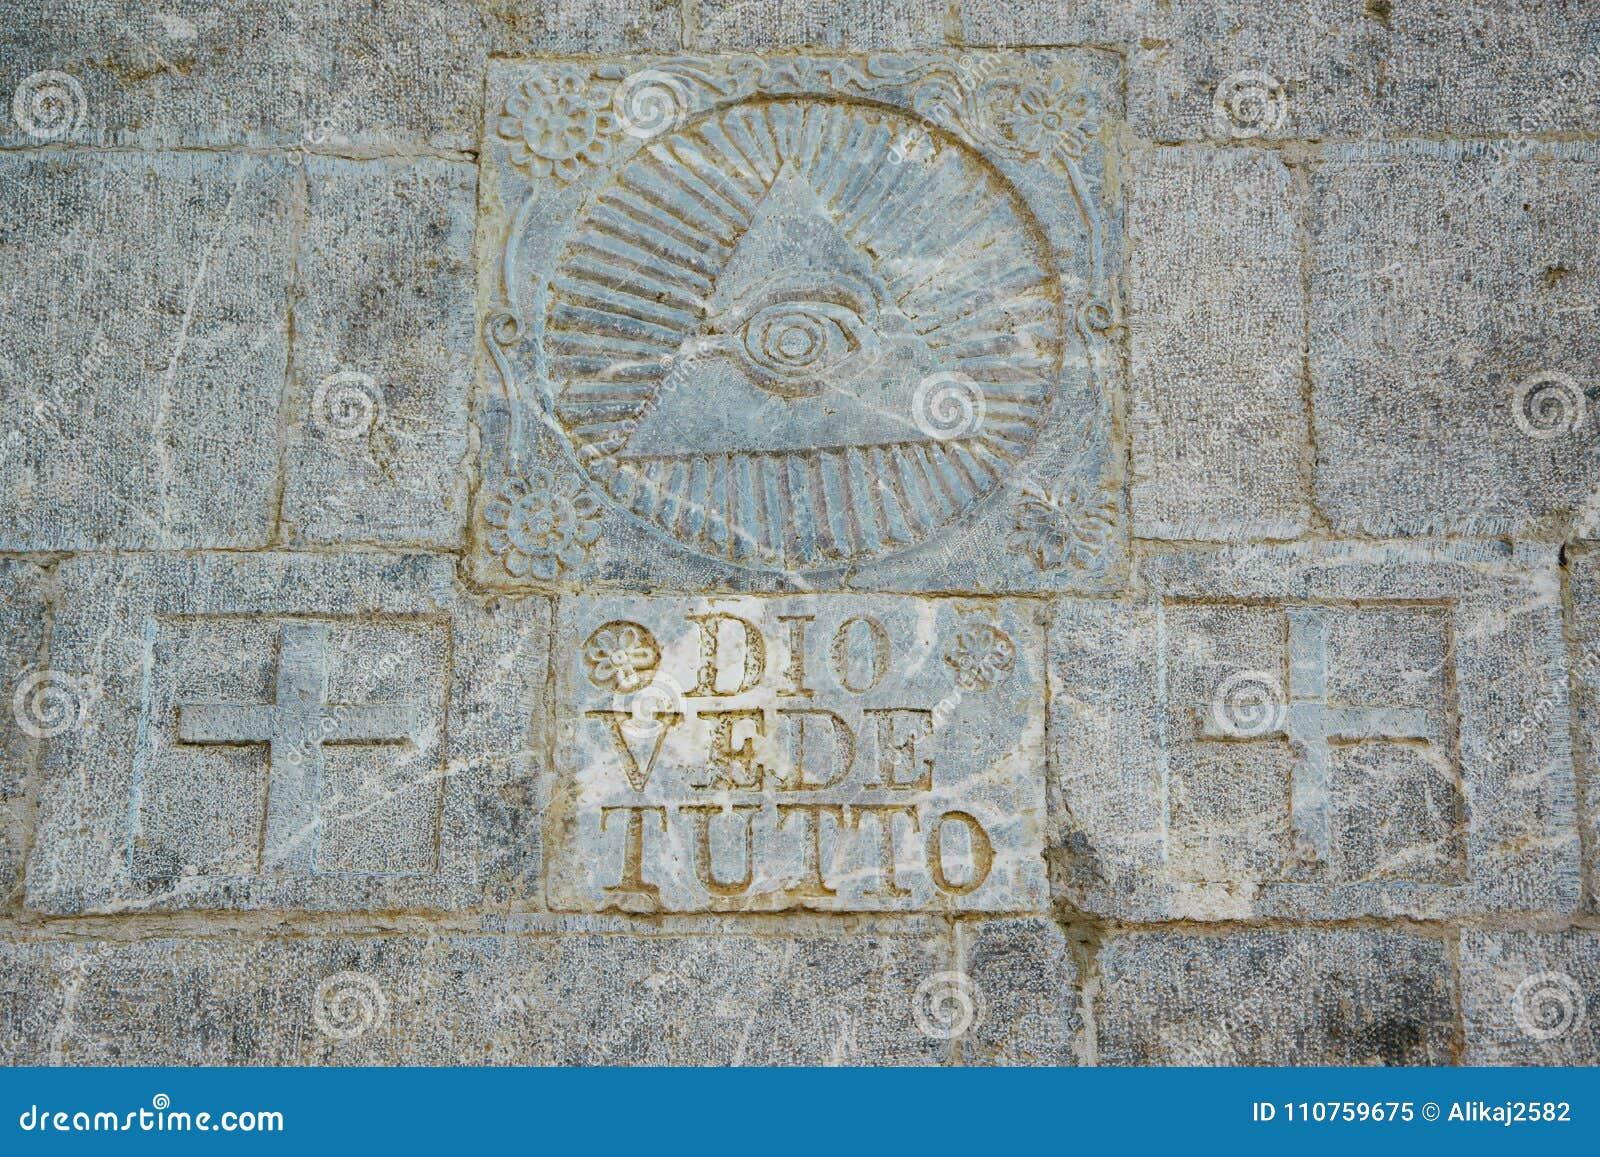 Escrito en el ` del tutto del vede de Dio del ` de la pared de piedra/dios del ` ve todo ` y símbolo masónico arriba